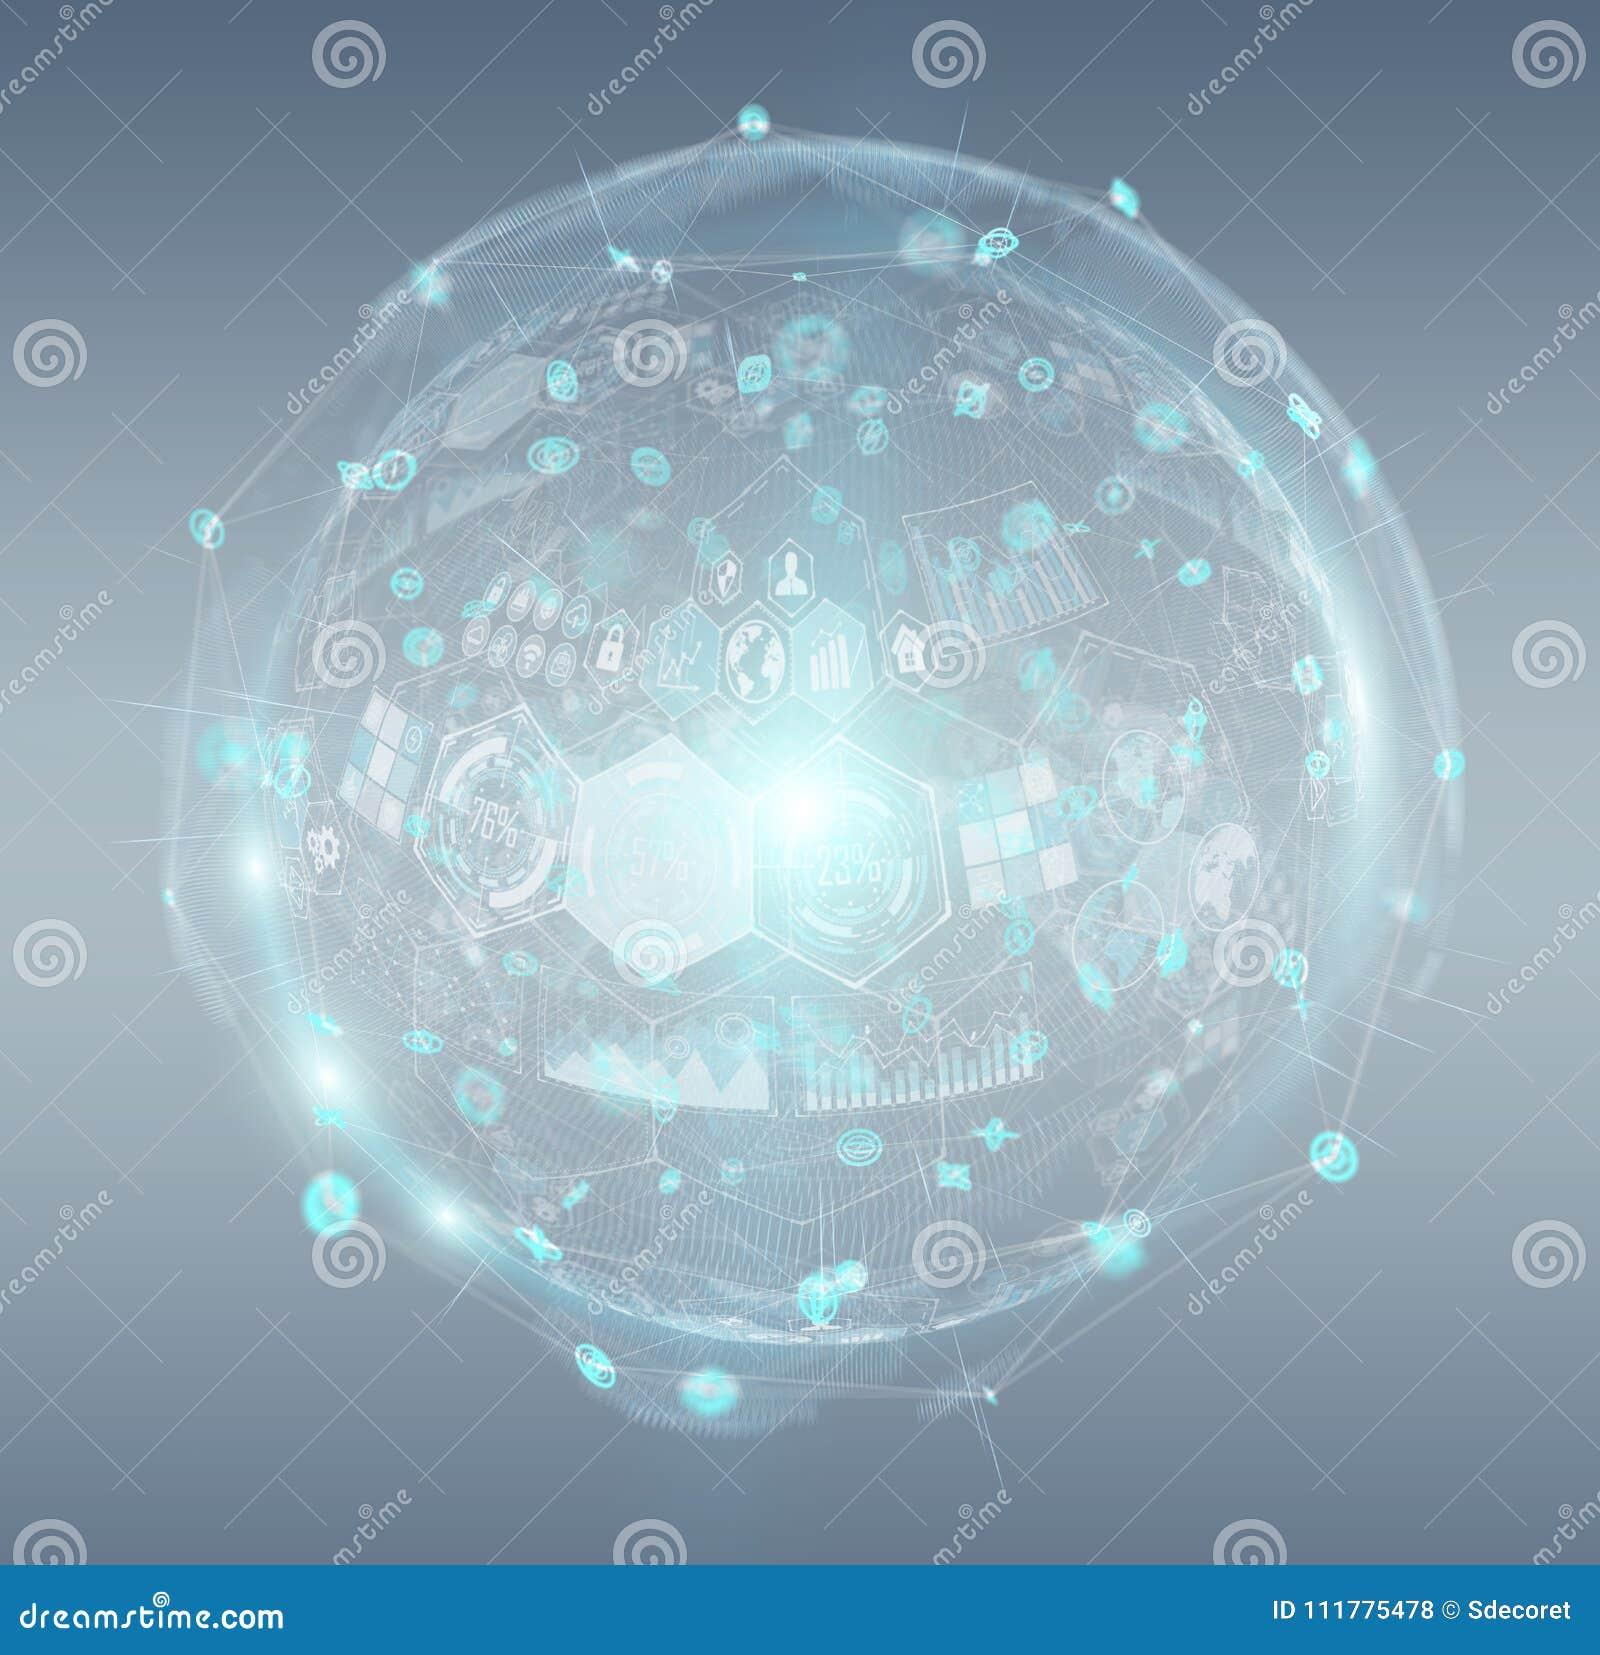 Holograms datas digital sphere 3D rendering